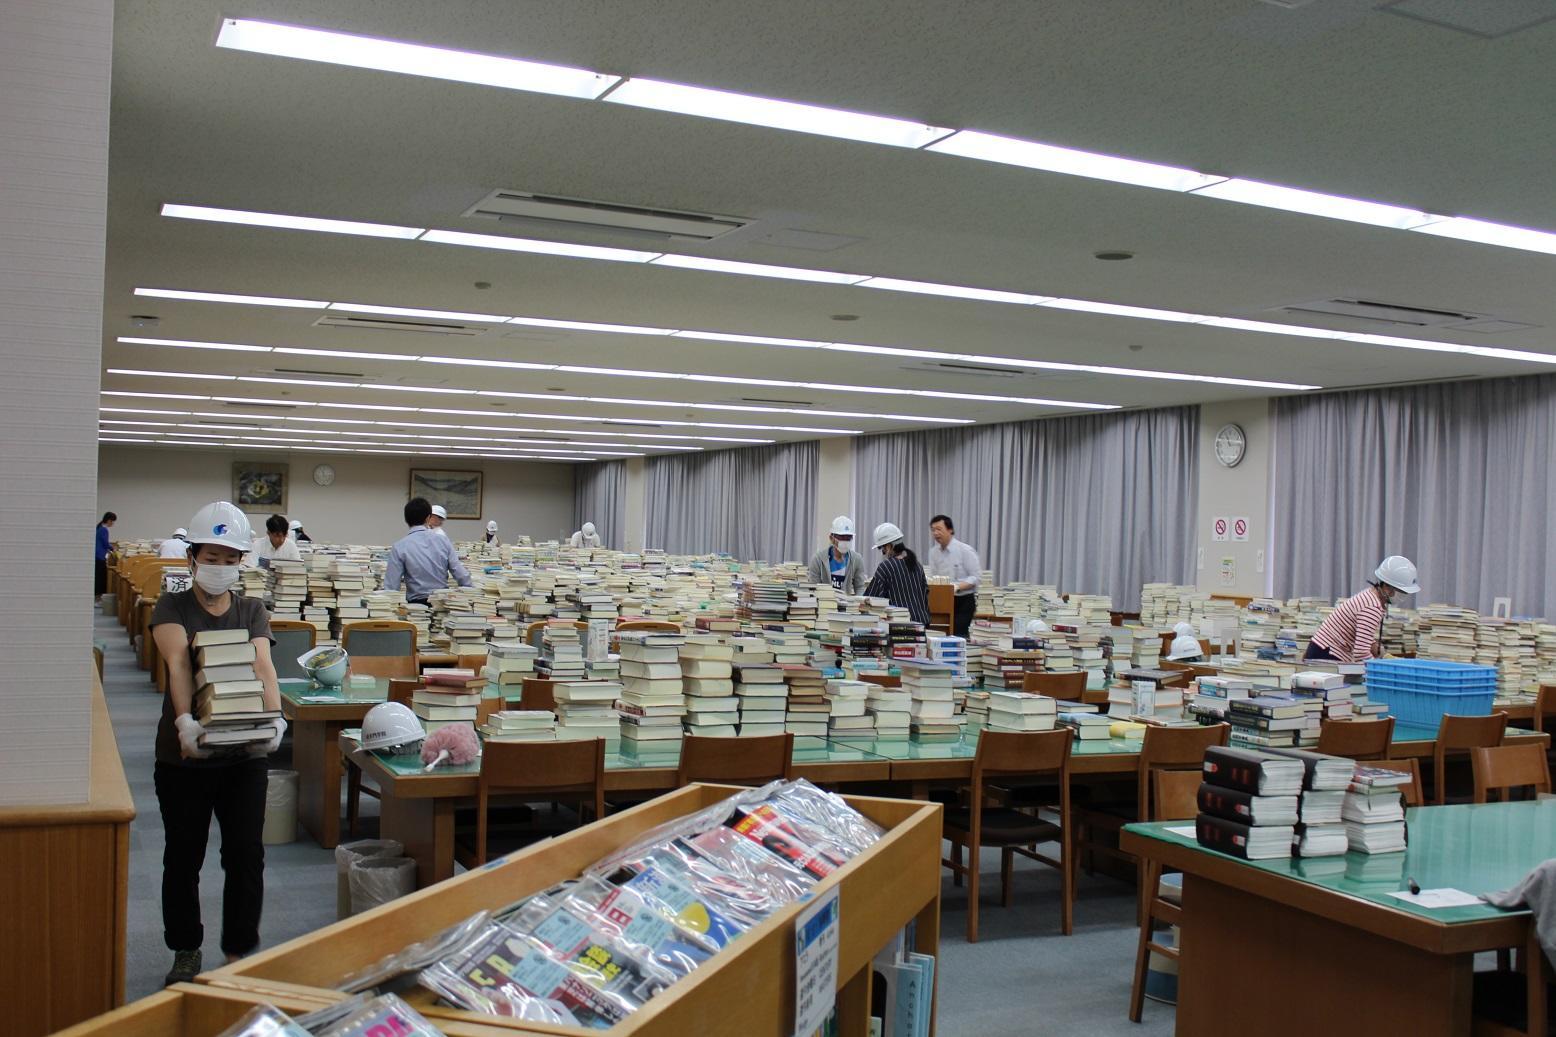 大阪北部地震から2週間 追手門学院大学、中・高の今 -- 6月25日から通常授業を再開